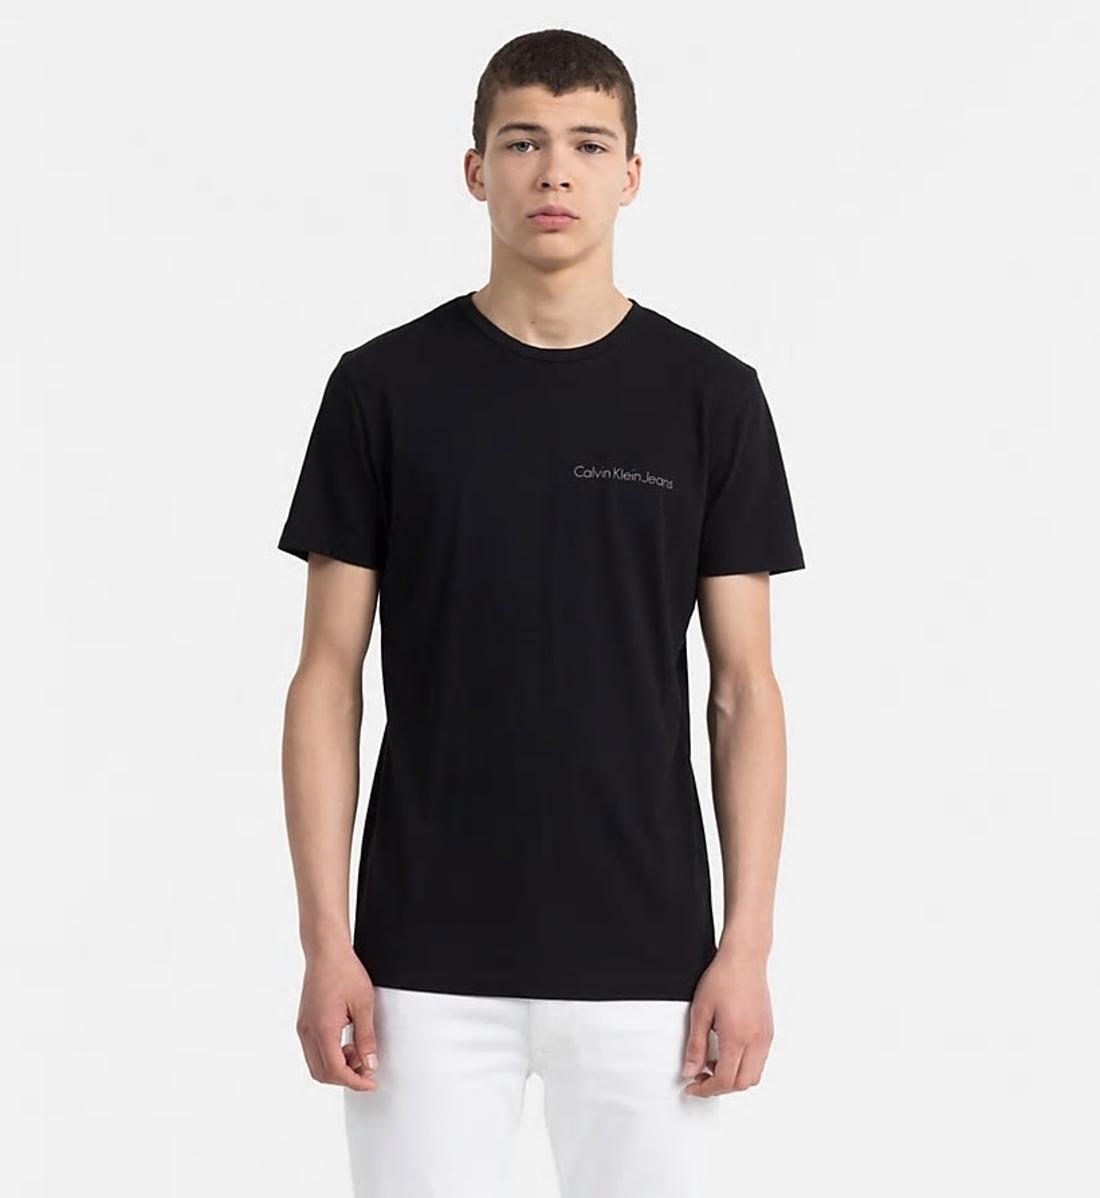 Calvin Klein pánské černé tričko Typoko - Mode.cz febe31ac29